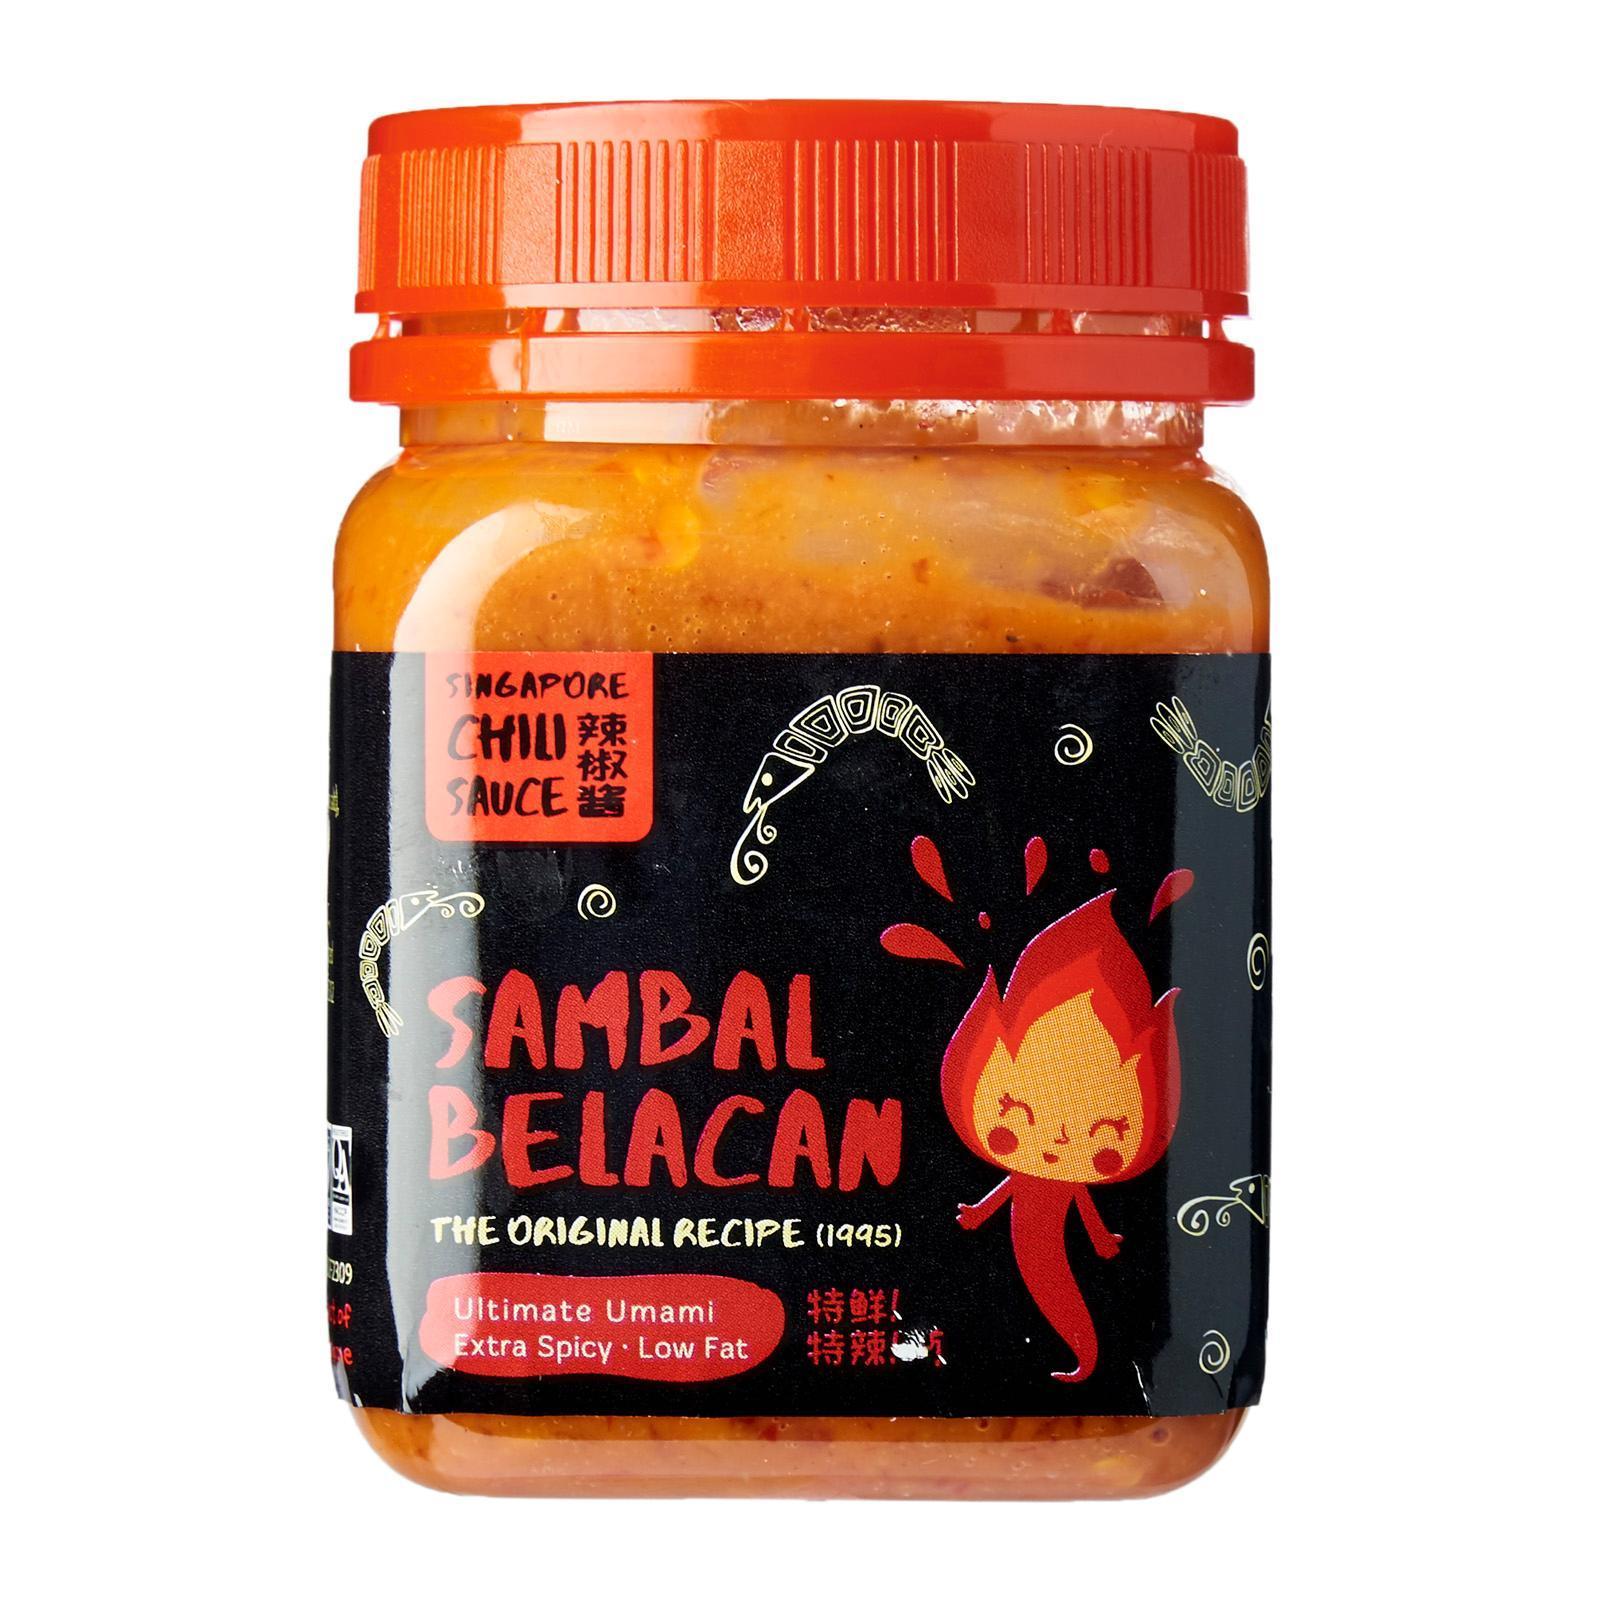 Top Gourmet Sambal Belacan Chilli Sauce